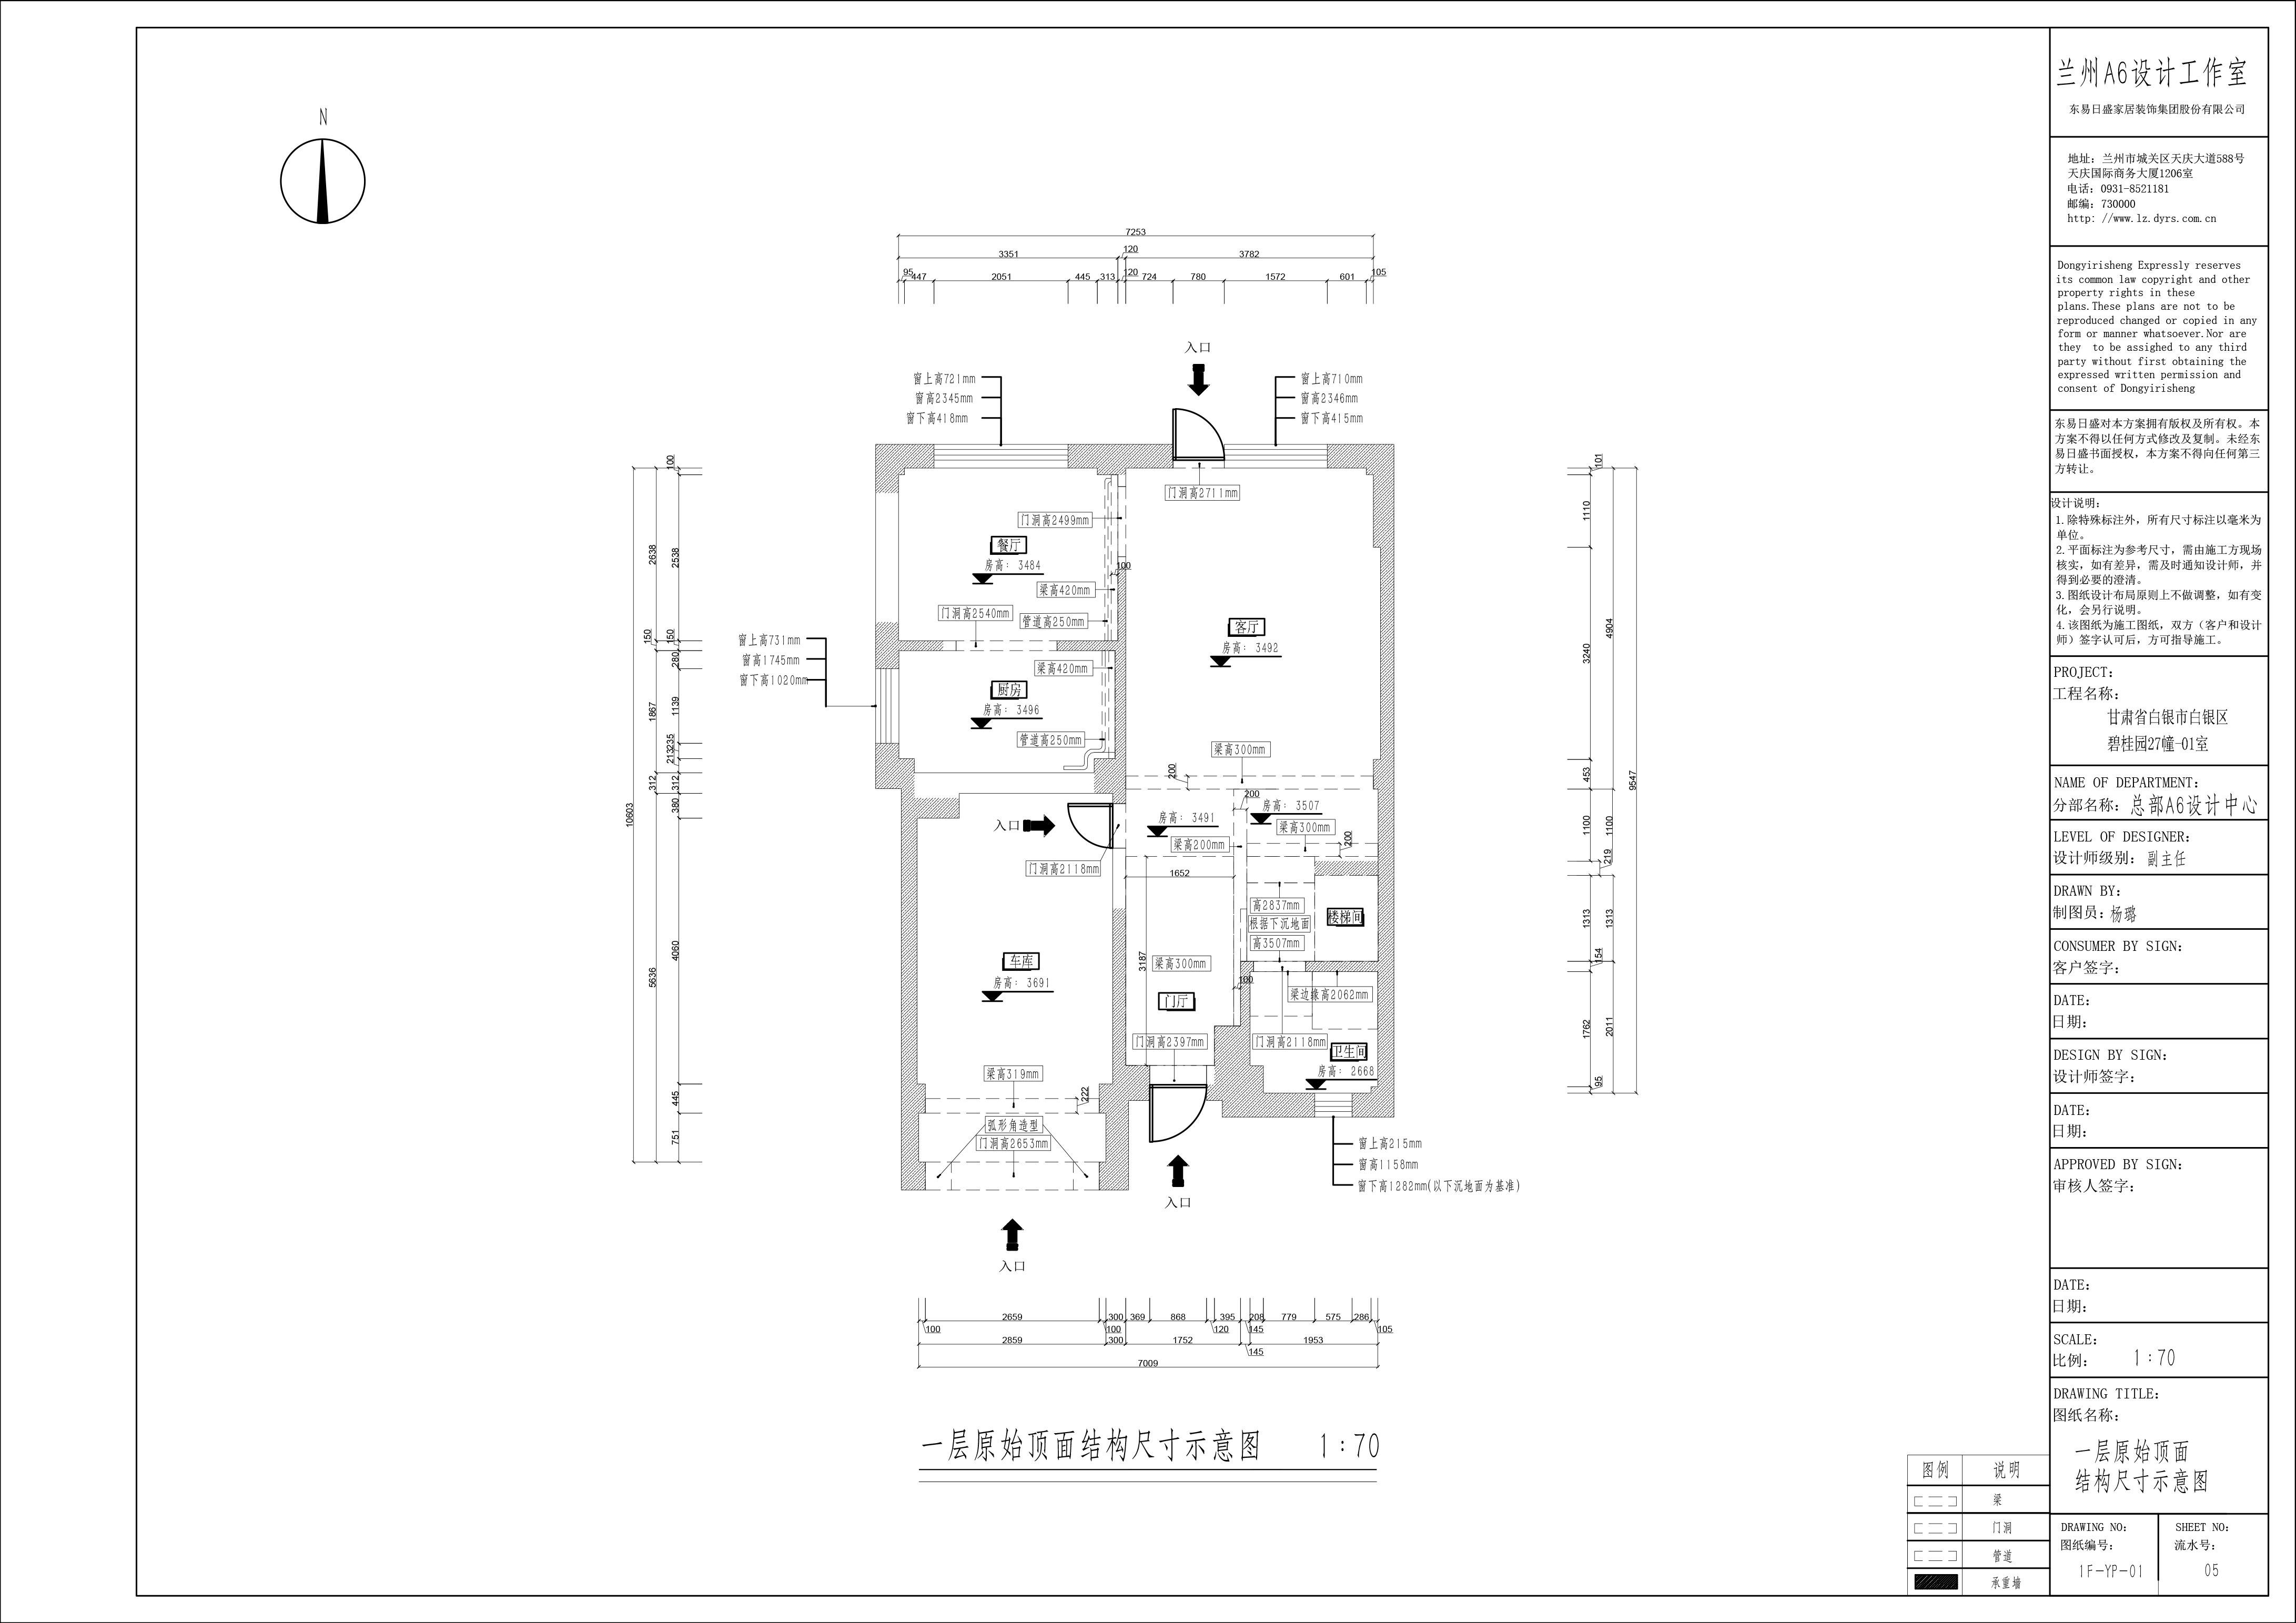 碧桂园-186平米-简美风格装修案例效果图装修设计理念